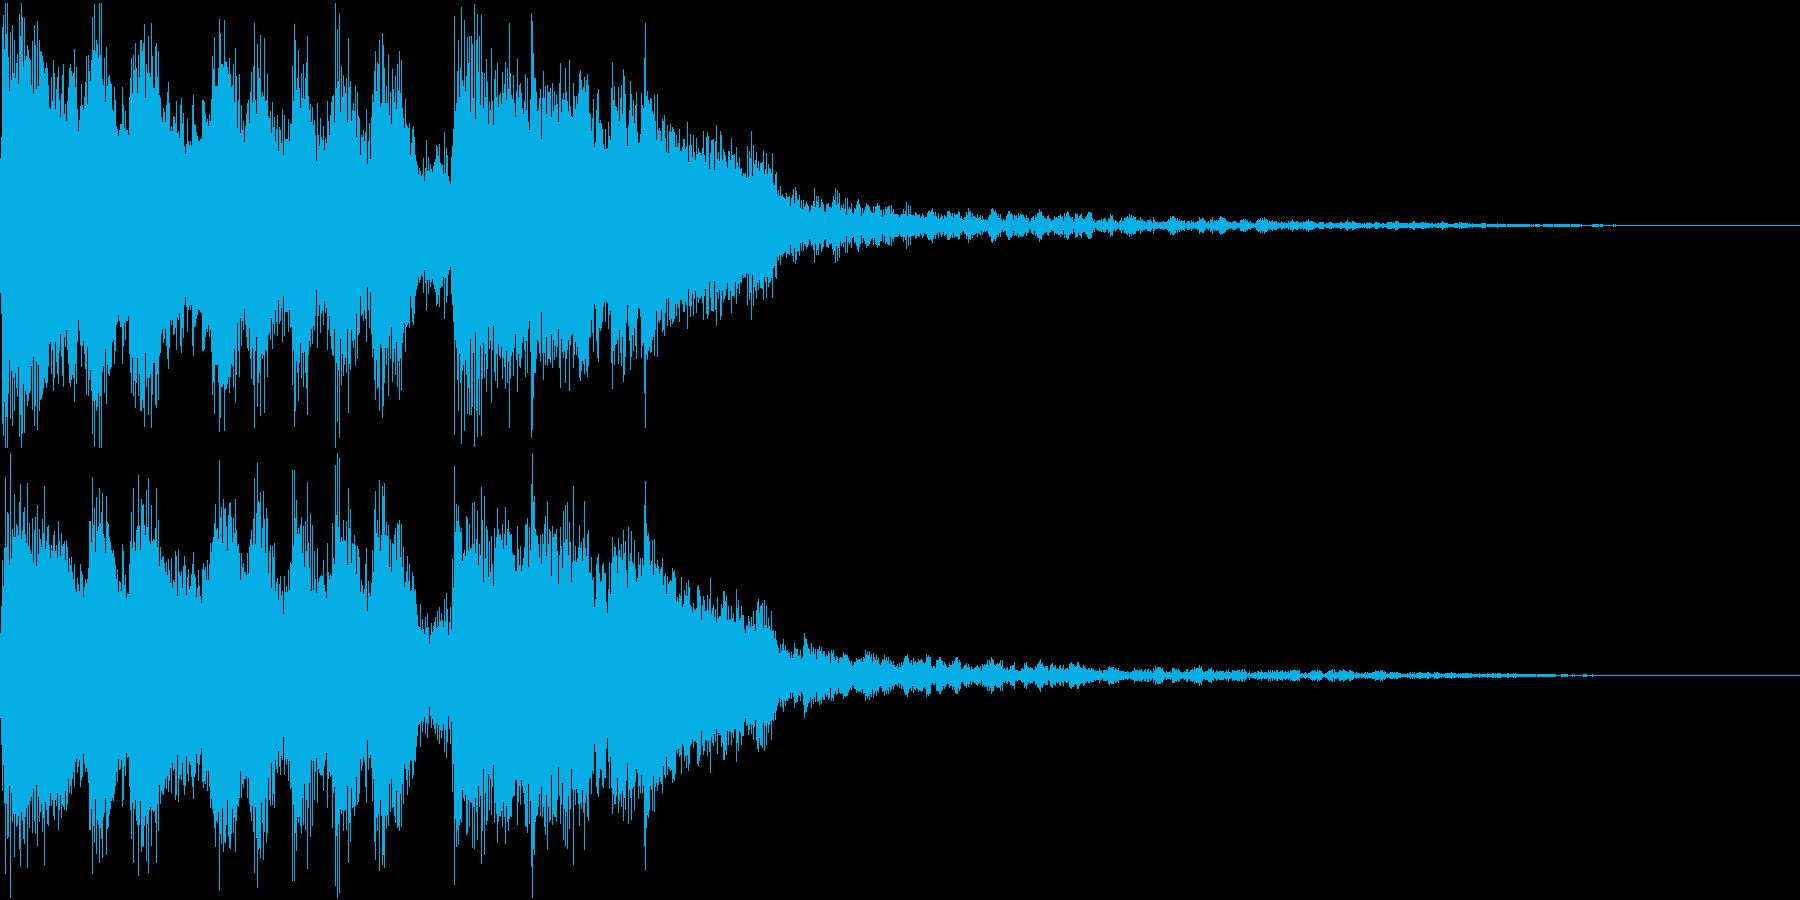 豪華なファンファーレ 達成 成功 Eの再生済みの波形